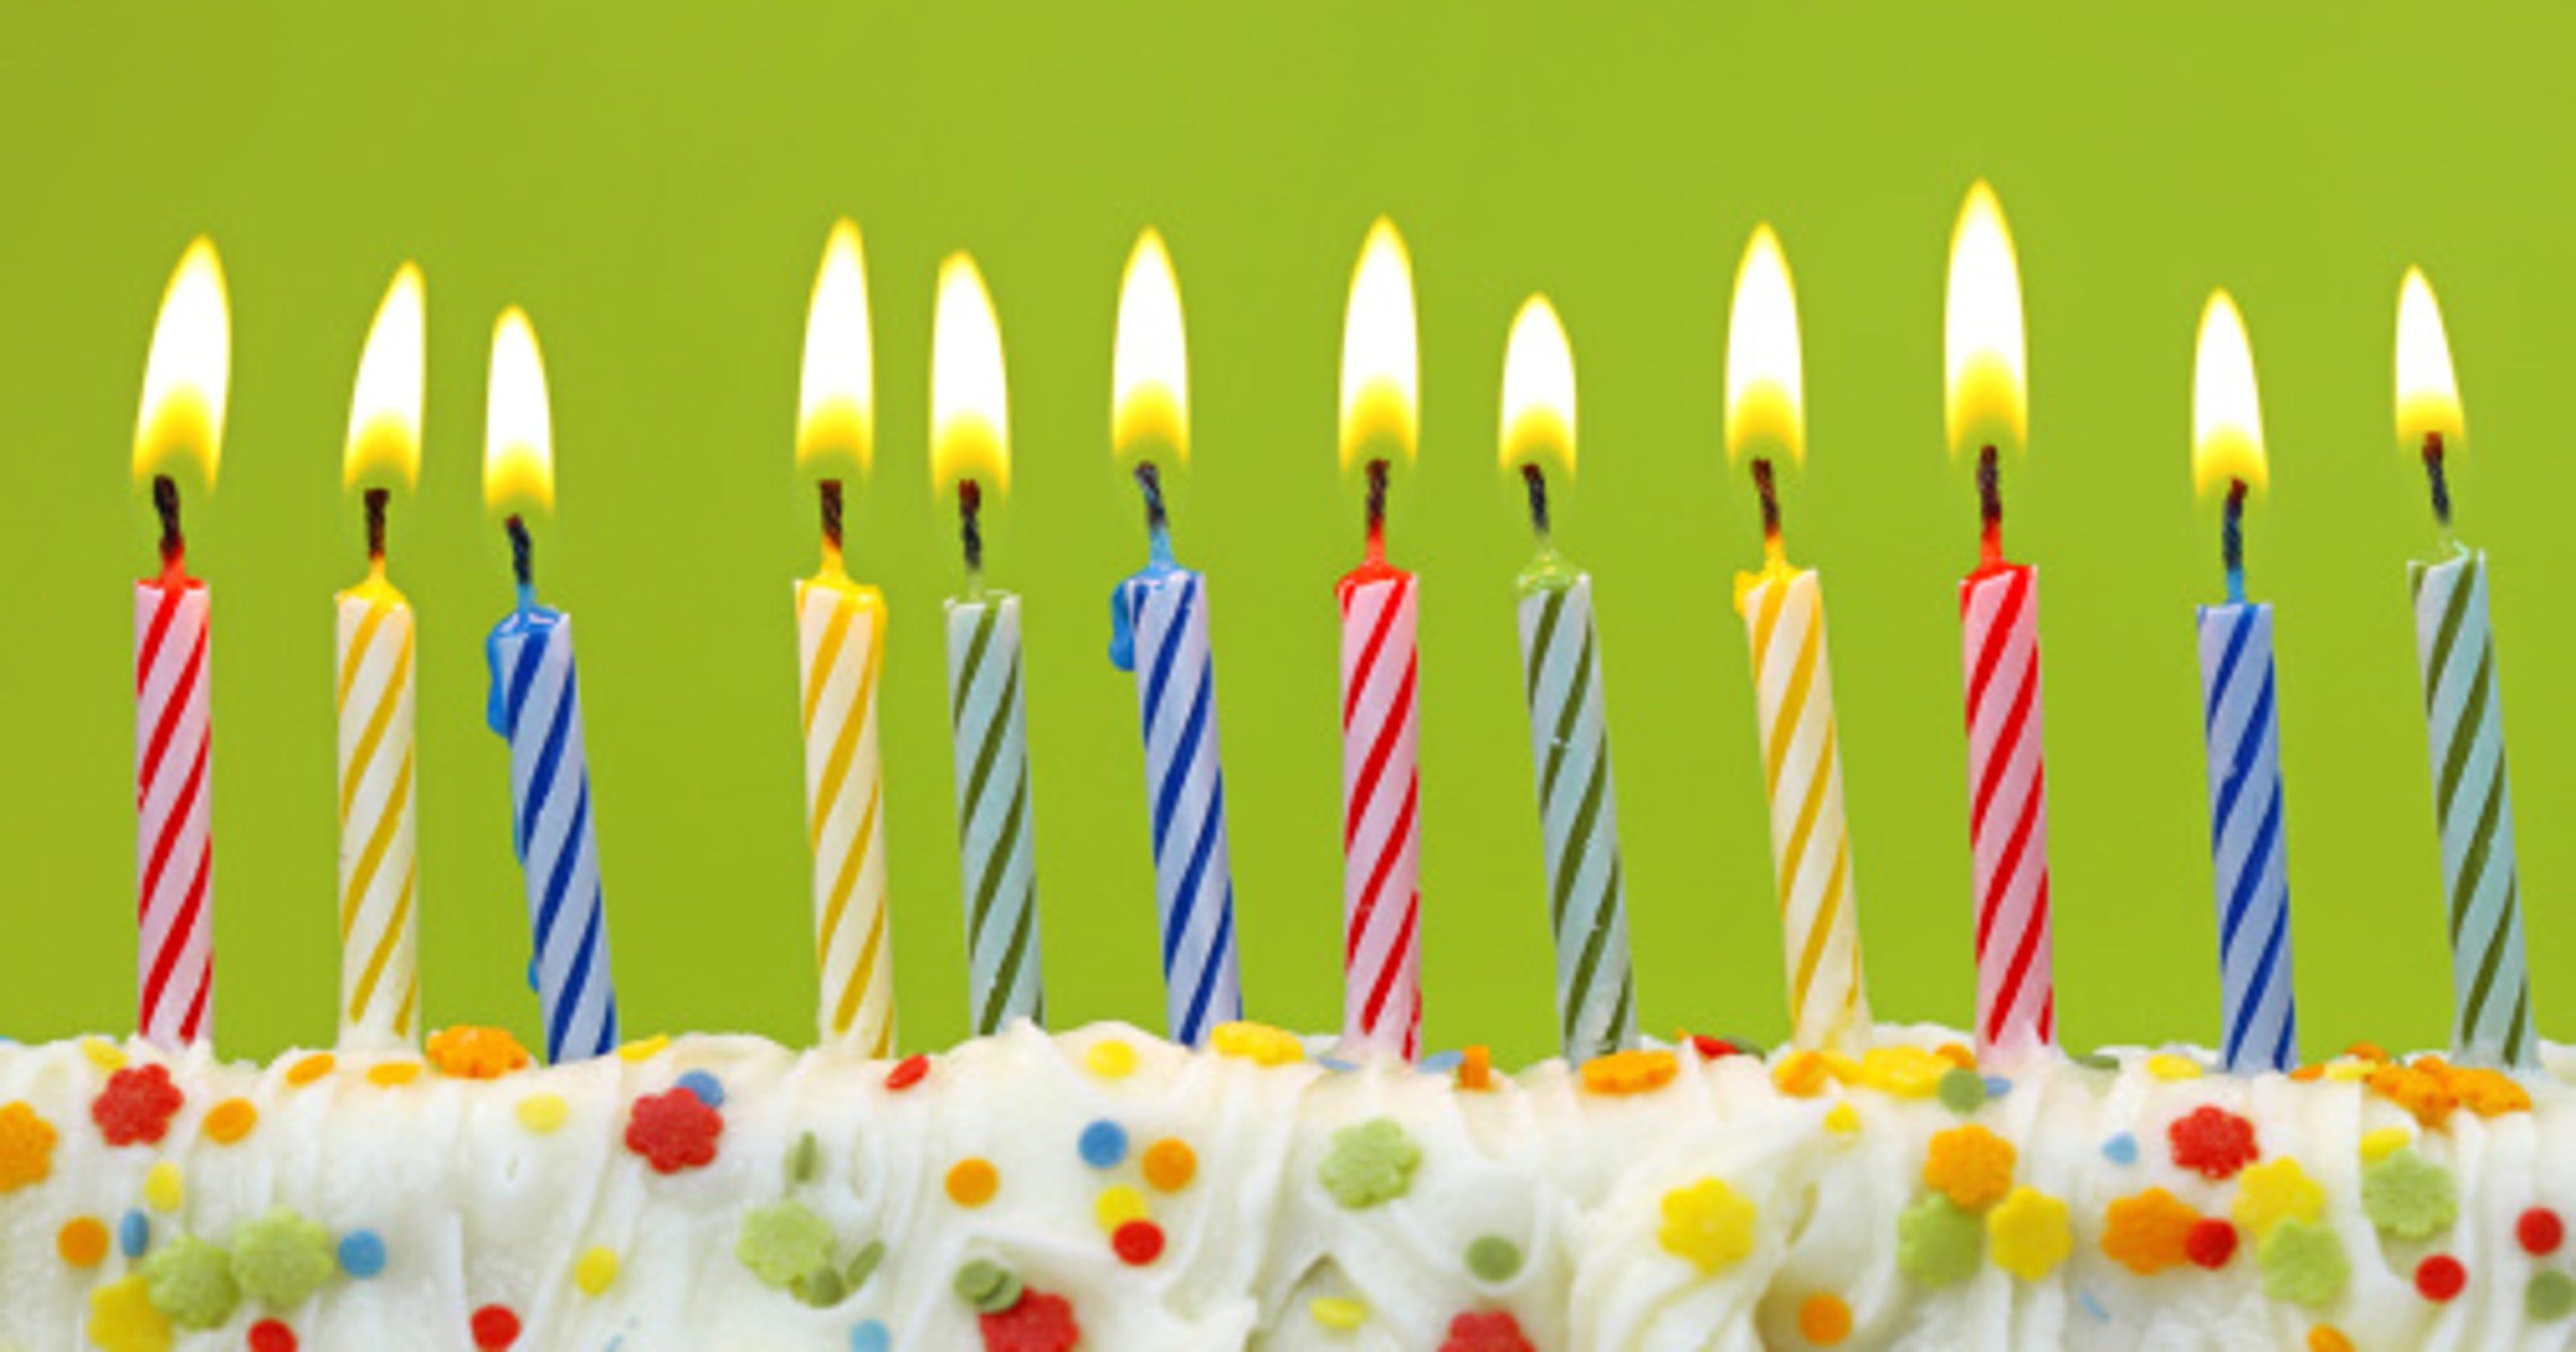 Jan 24 25 Birthdays